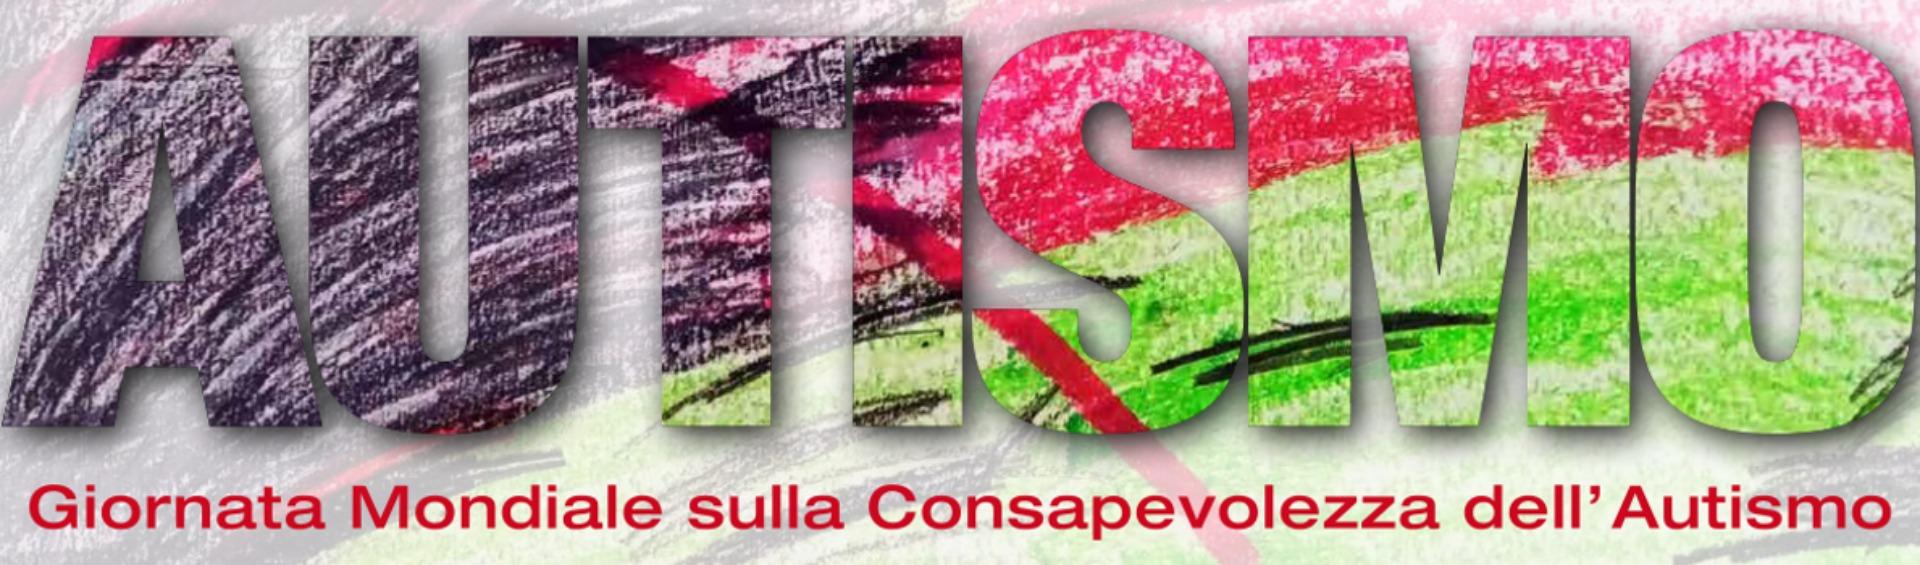 XIII Giornata Mondiale della consapevolezza dell'autismo di giovedì 2 aprile 2020